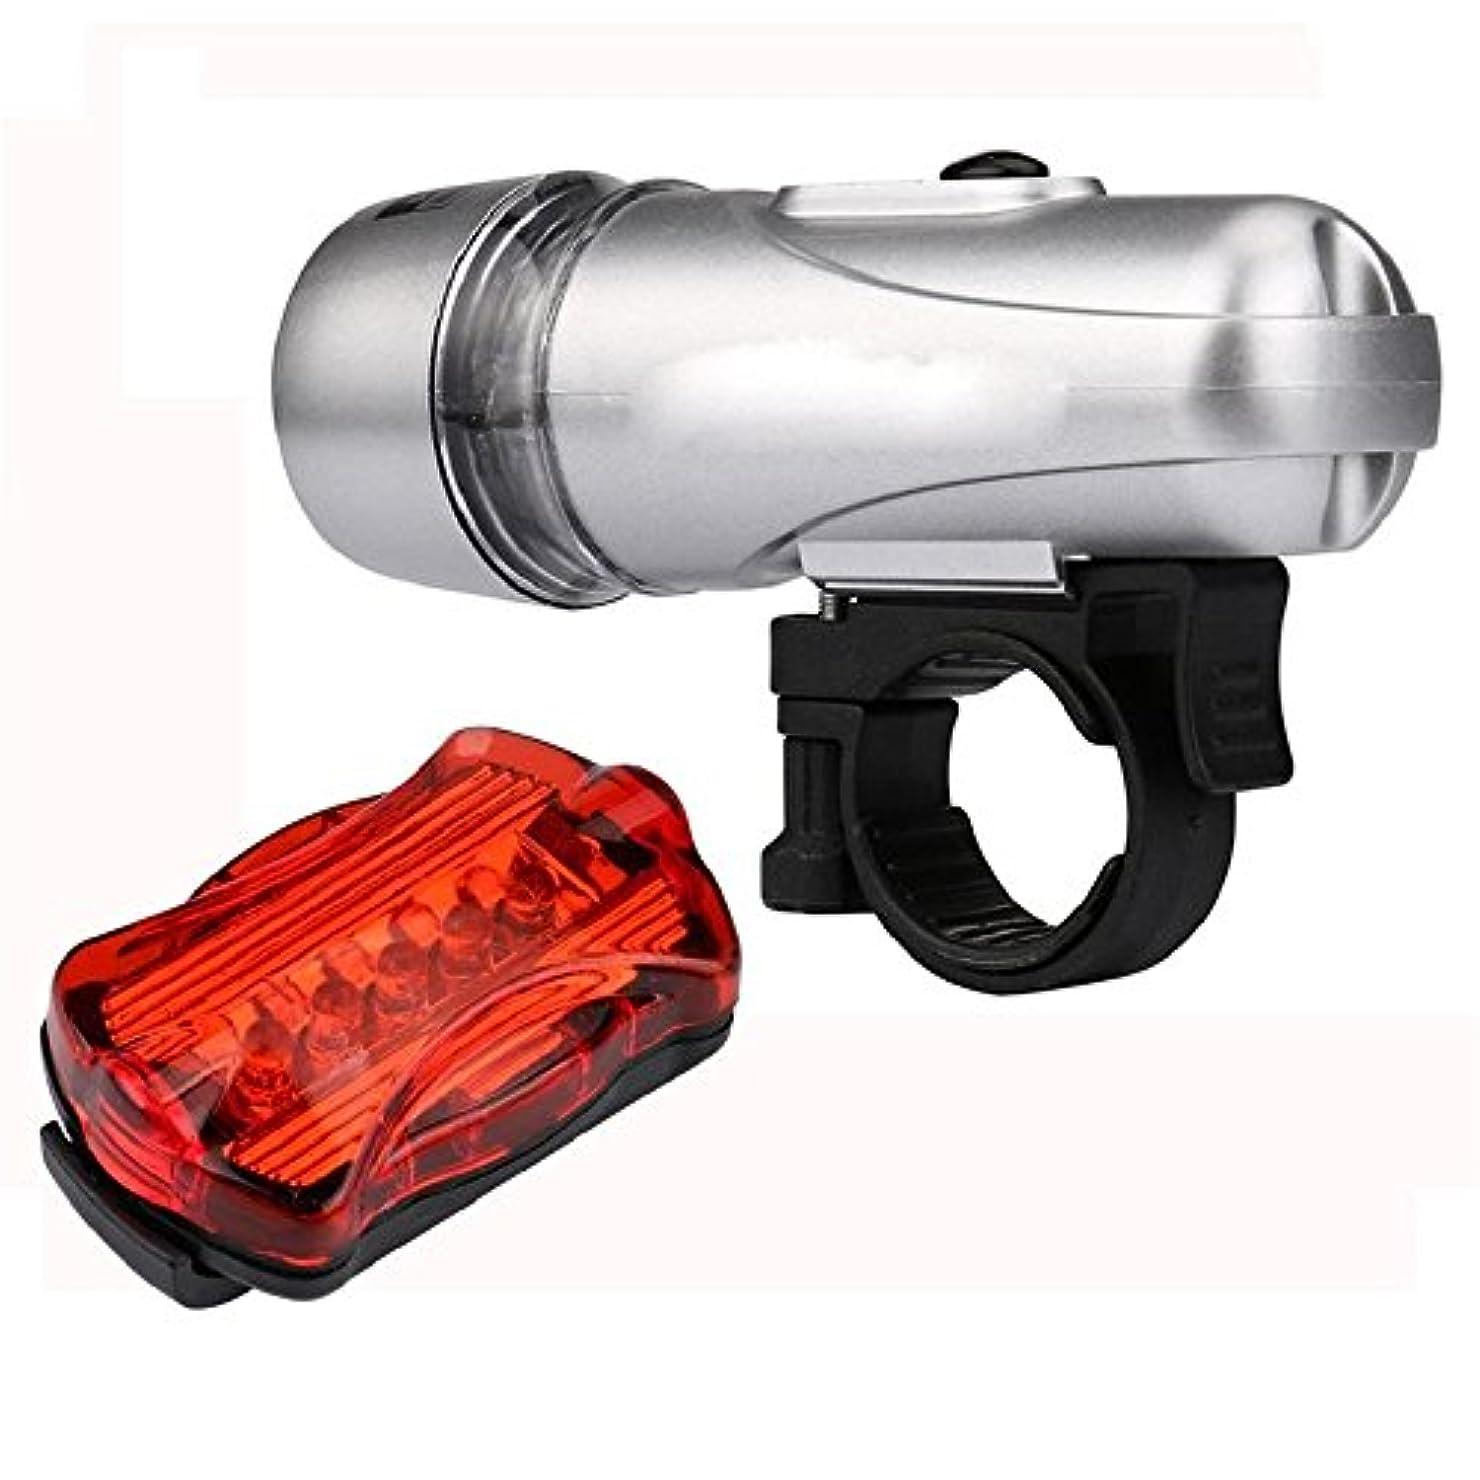 細分化する受益者溝充電式自転車ライト マウンテンバイクライドヘッドライトテールライト-LED自転車1ヘッドライト1テールライトロードバイクヘッドライト (色 : 銀)